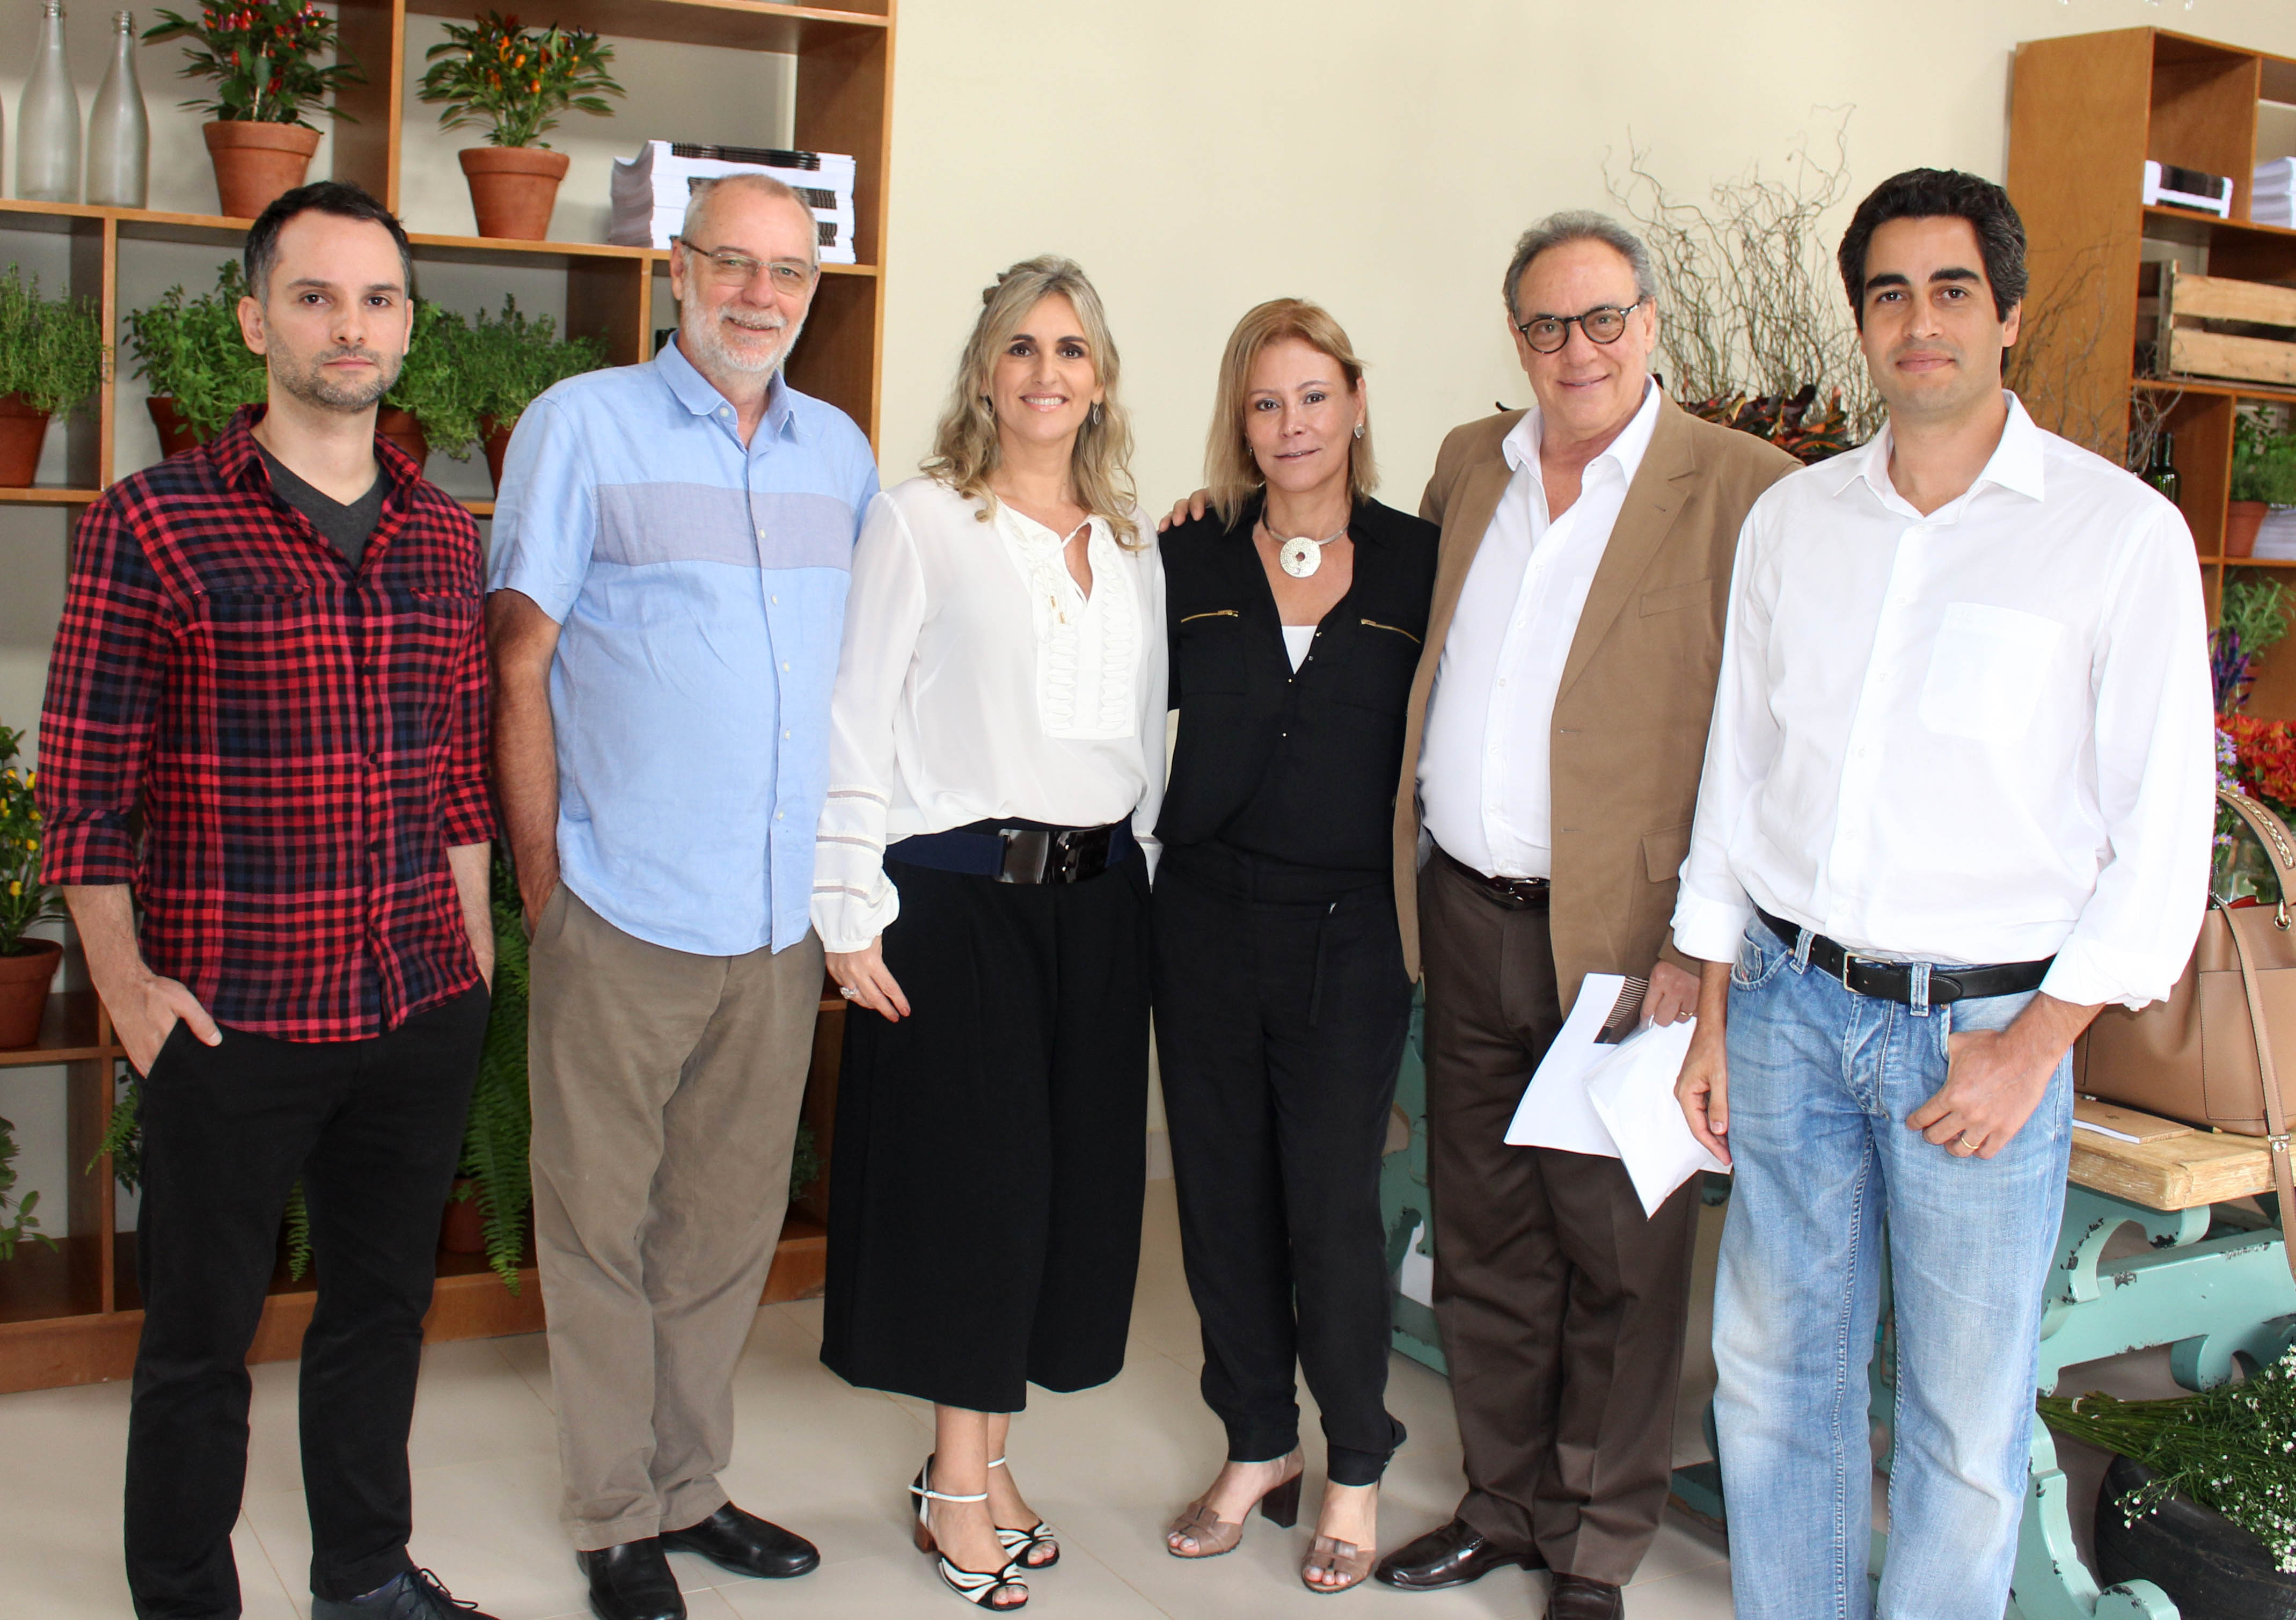 Elaine Criscuolo_Maria Claudia de Oliveira e os palestrantes Lair Reis_ Hugo França_Ricardo Julião e Ricardo Cardim